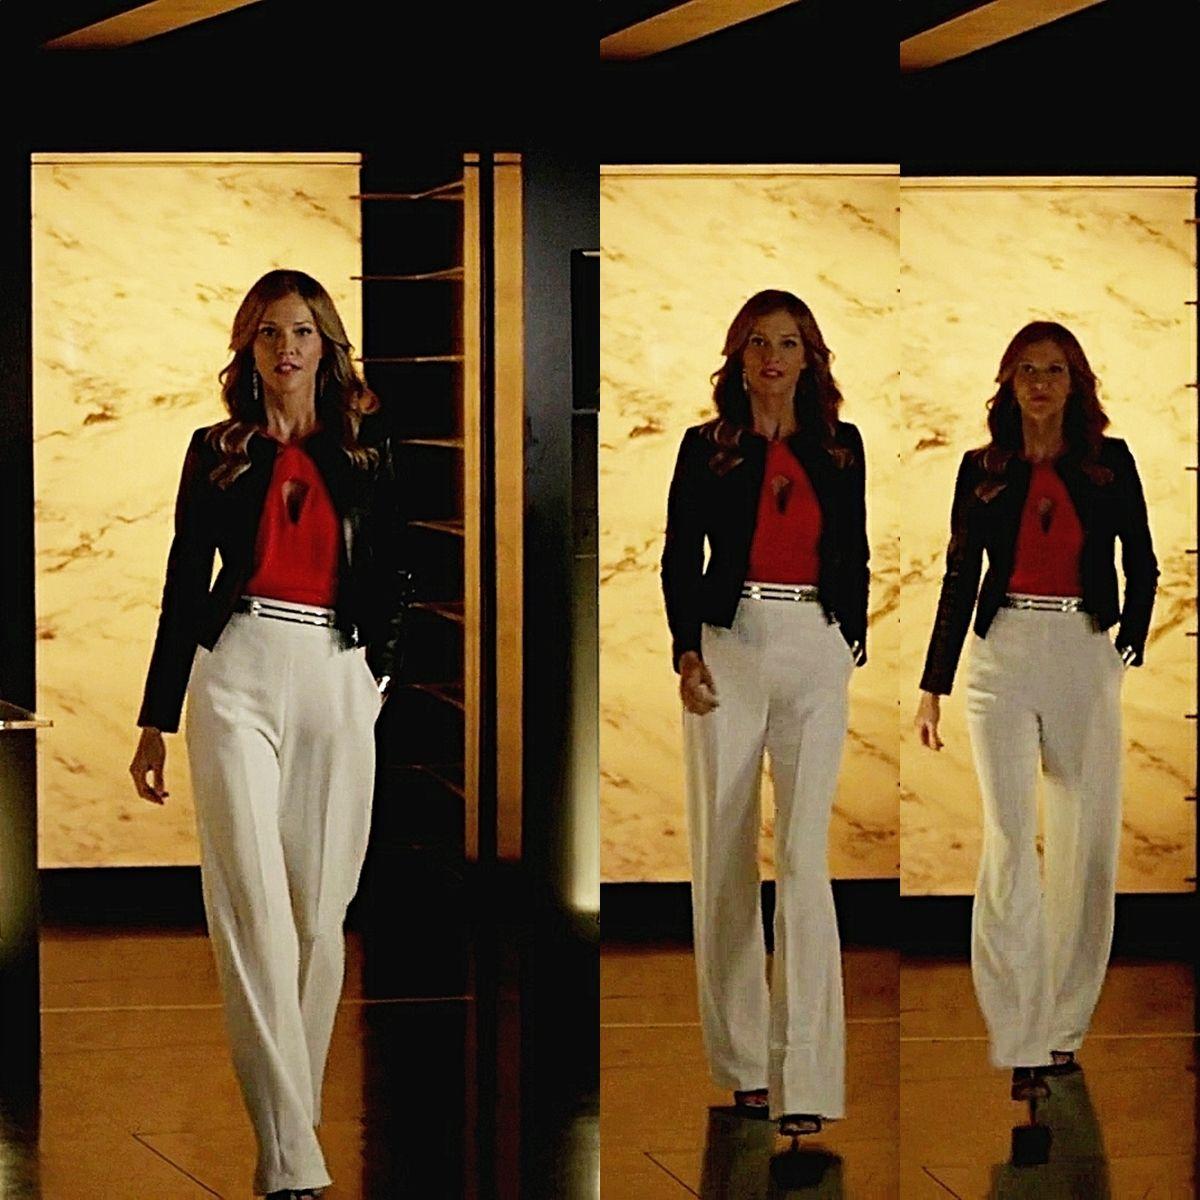 Photo Lucifer Season 3 Tricia Helfer As The Mother: Tricia Helfer I Lucifer Must Have These Shoes How I39d Like To